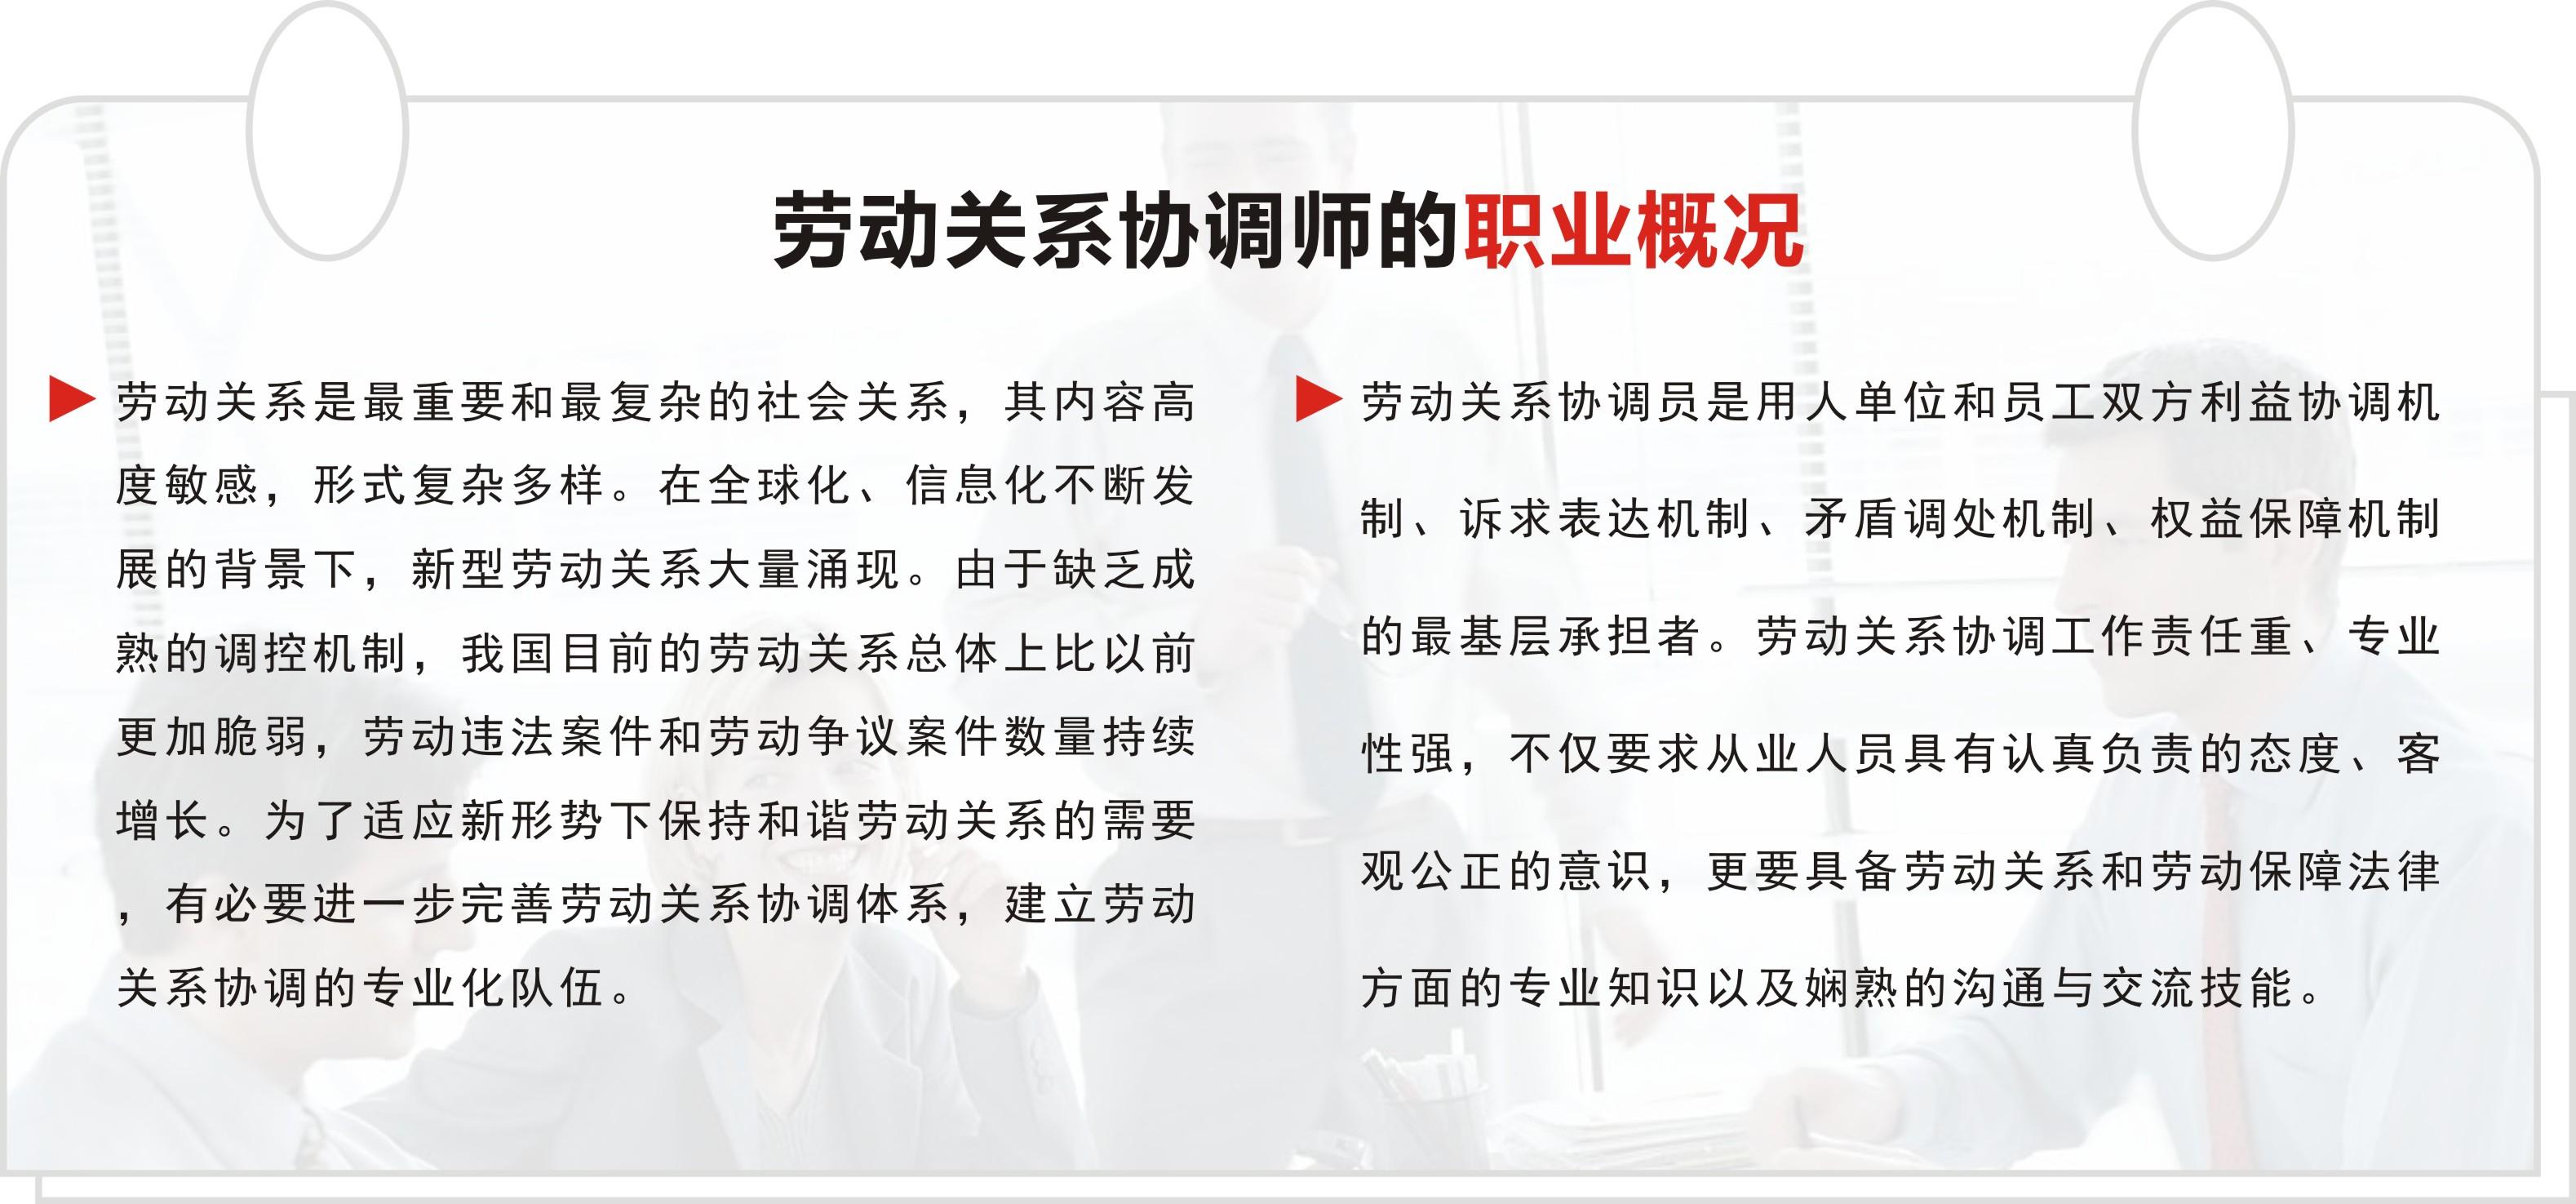 劳动协调师的职业概况 - 南粤人才网